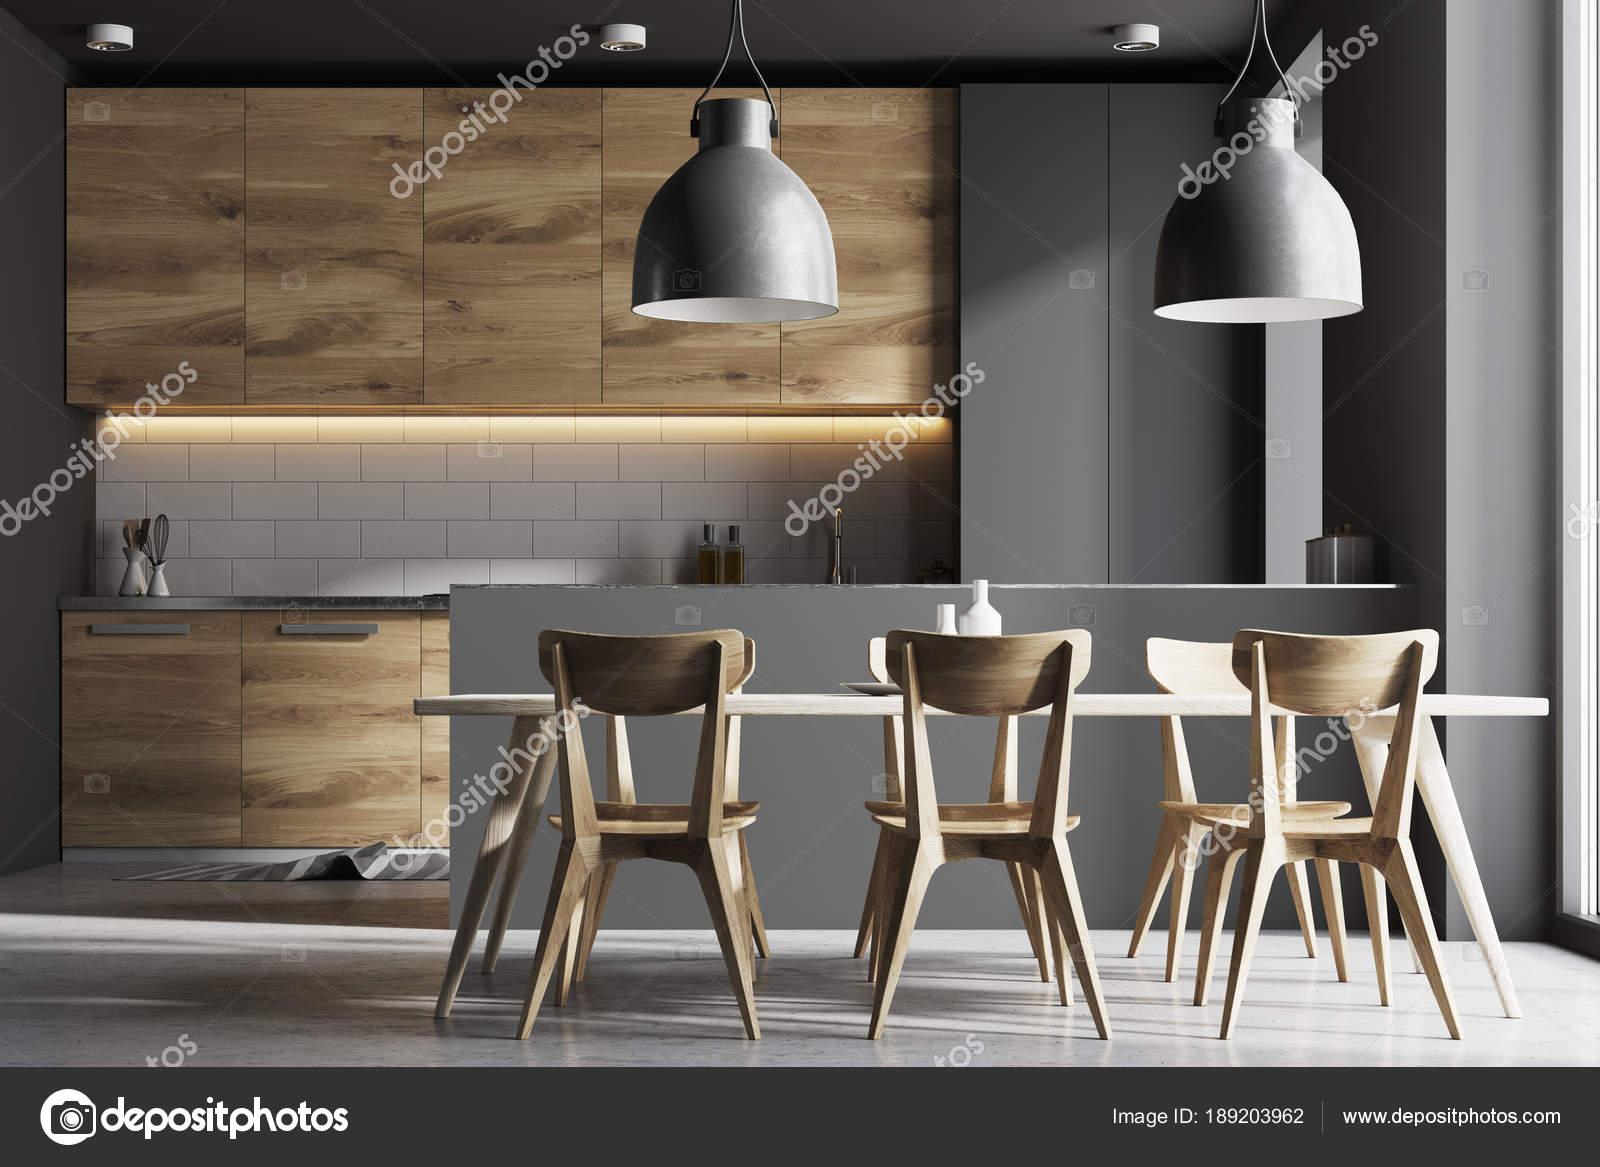 Grau Und Holz Kuche Mit Tisch Stockfoto C Denisismagilov 189203962